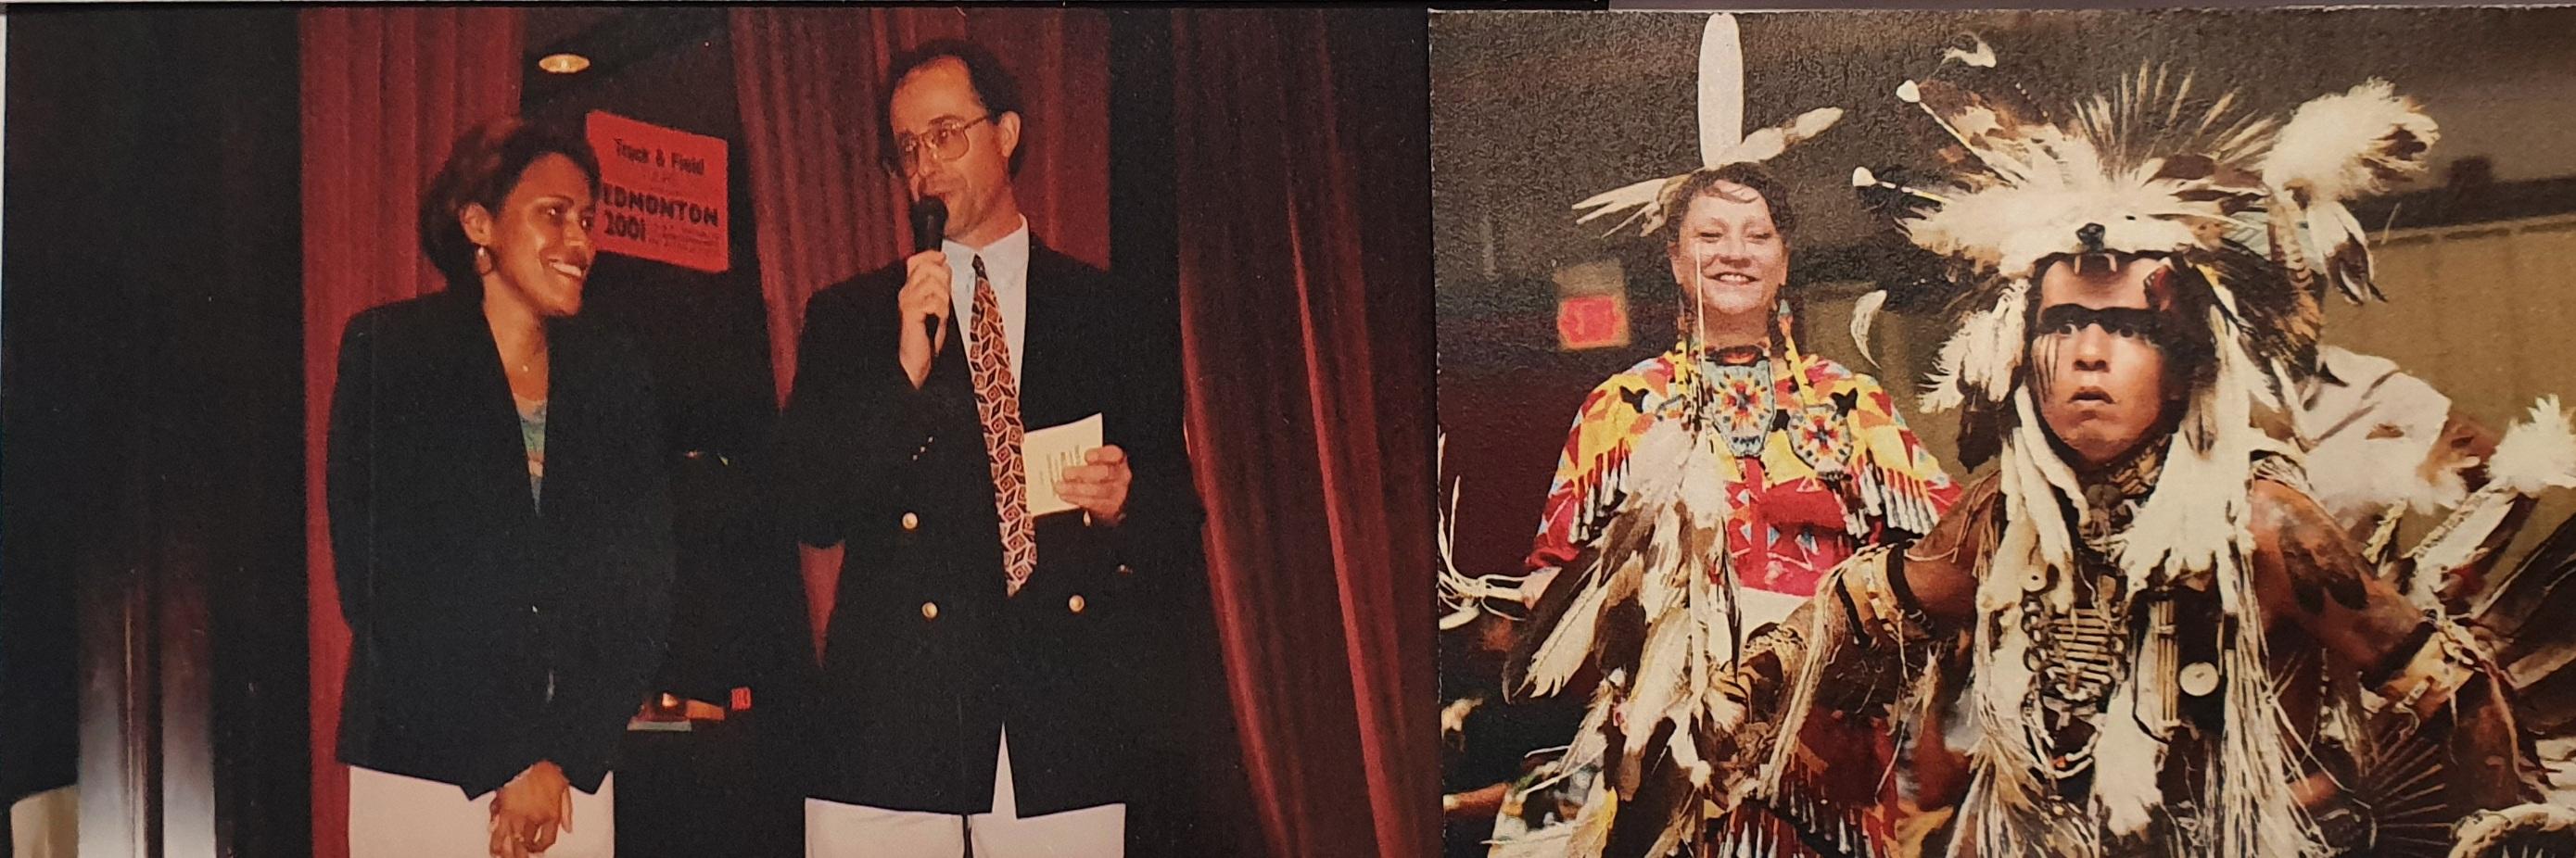 TFT Rewind 2001 - Freeman  First Nations (002)